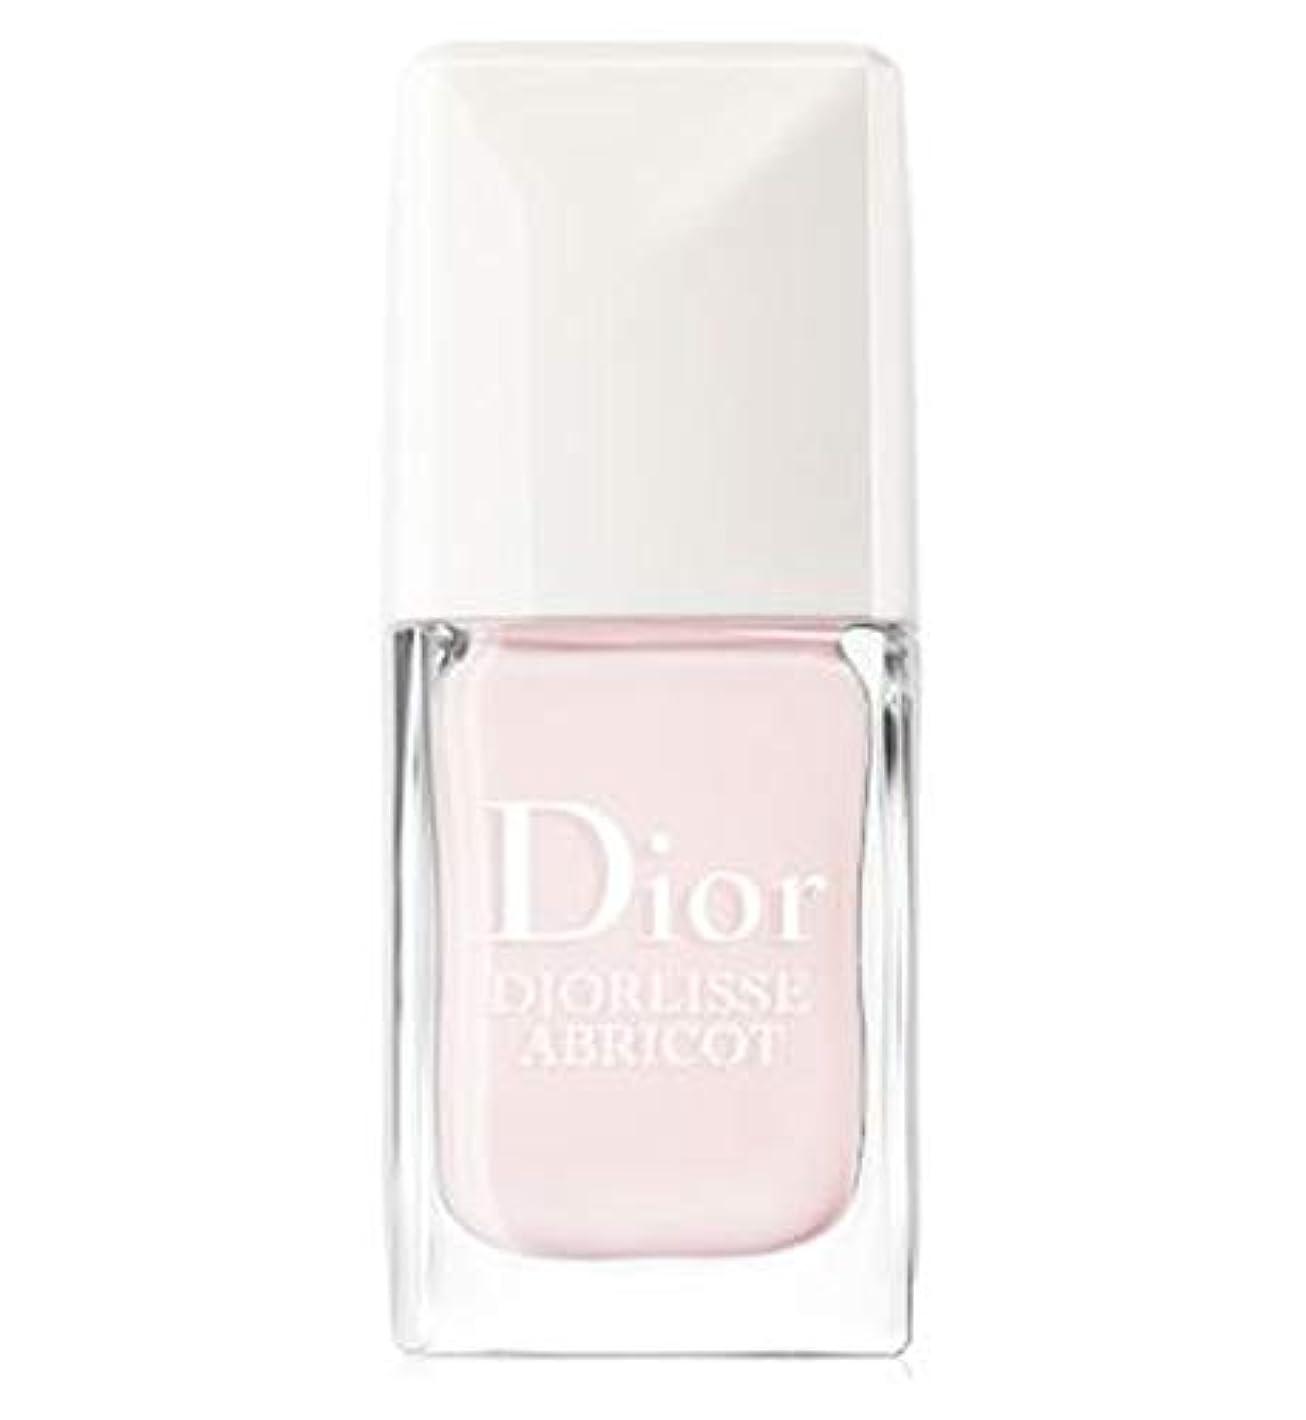 不正相対的道徳の[Dior ] ピンクの花びらの10ミリリットルで完成ネイルケアを平滑化Abricot Diorlisse - Diorlisse Abricot Smoothing Perfecting Nail Care In Pink...